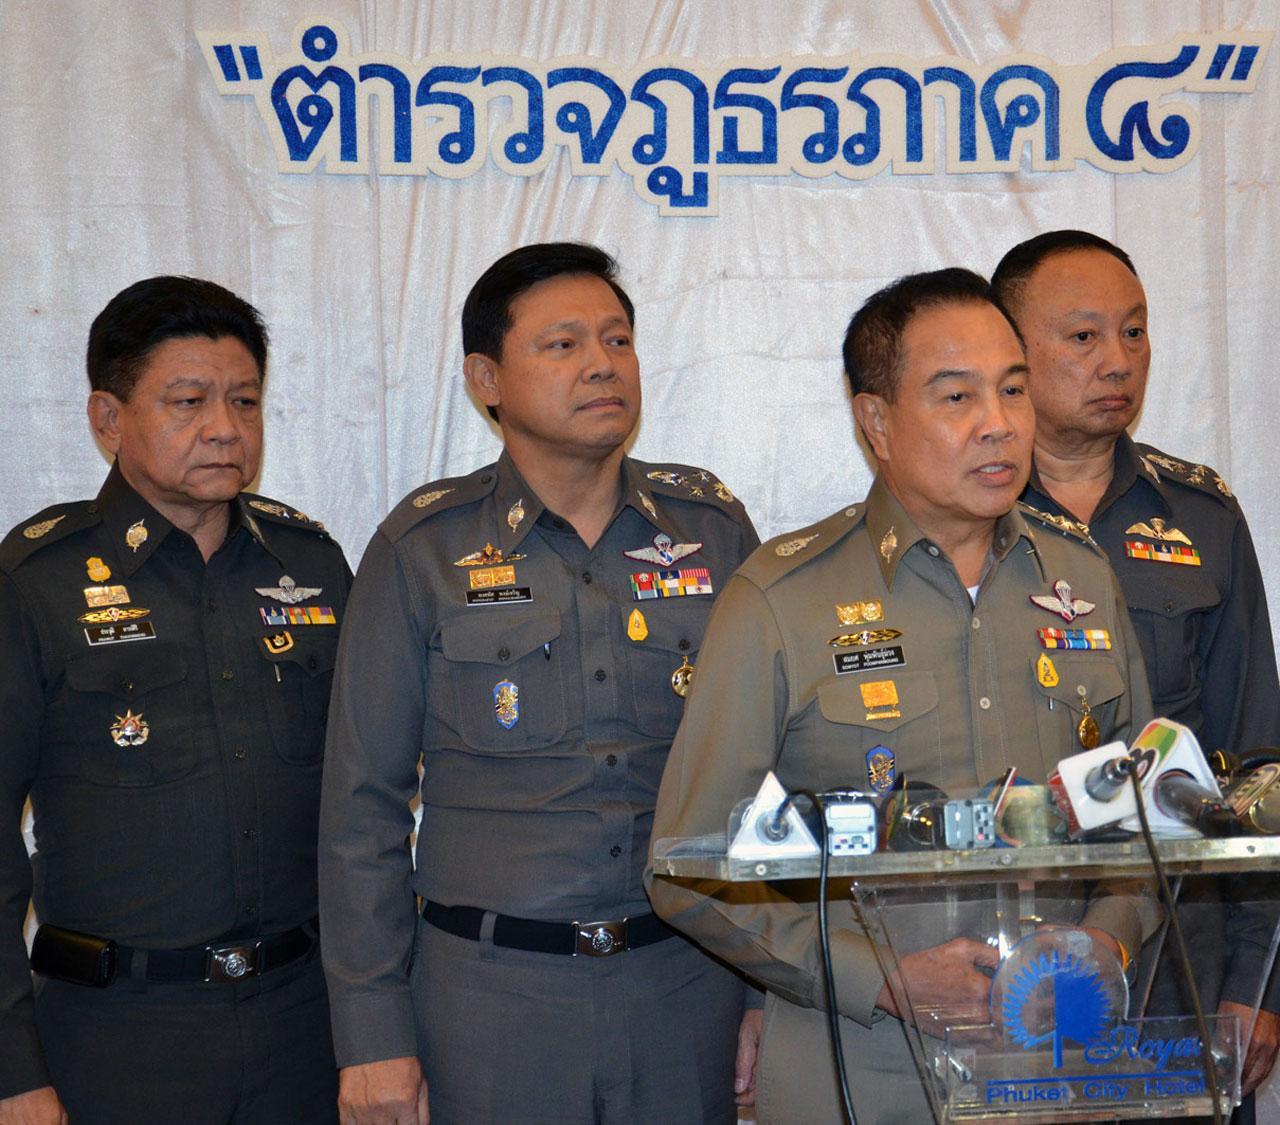 ผบ.ตร. มอบนโยบายแก่ข้าราชการ ตร. สังกัดตำรวจภูธรภาค 8